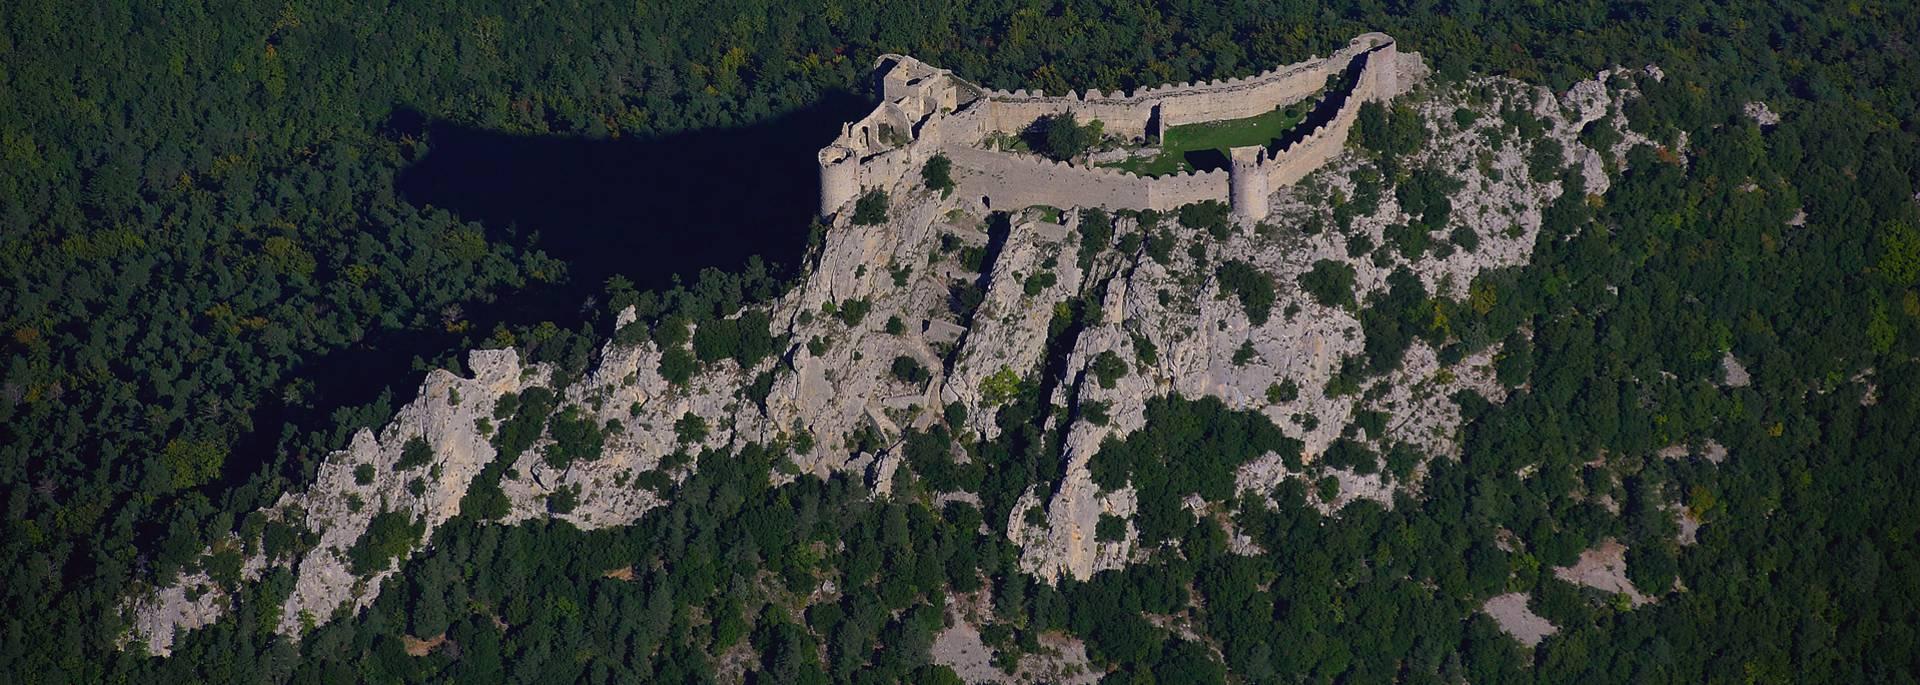 Le château de Puilaurens vue du ciel